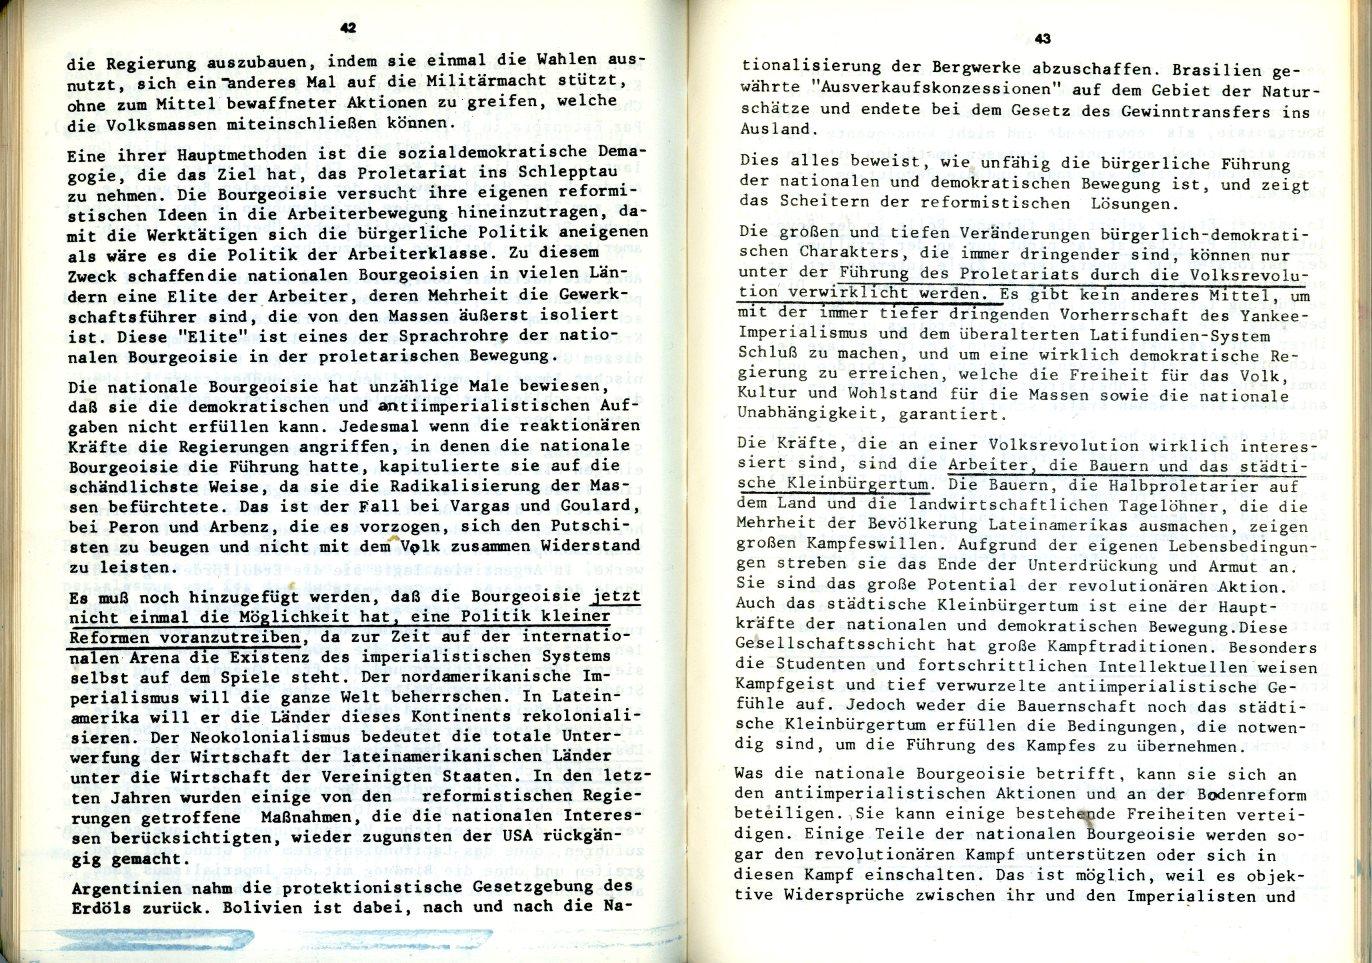 MLSK_Theorie_und_Praxis_des_ML_1978_20_30